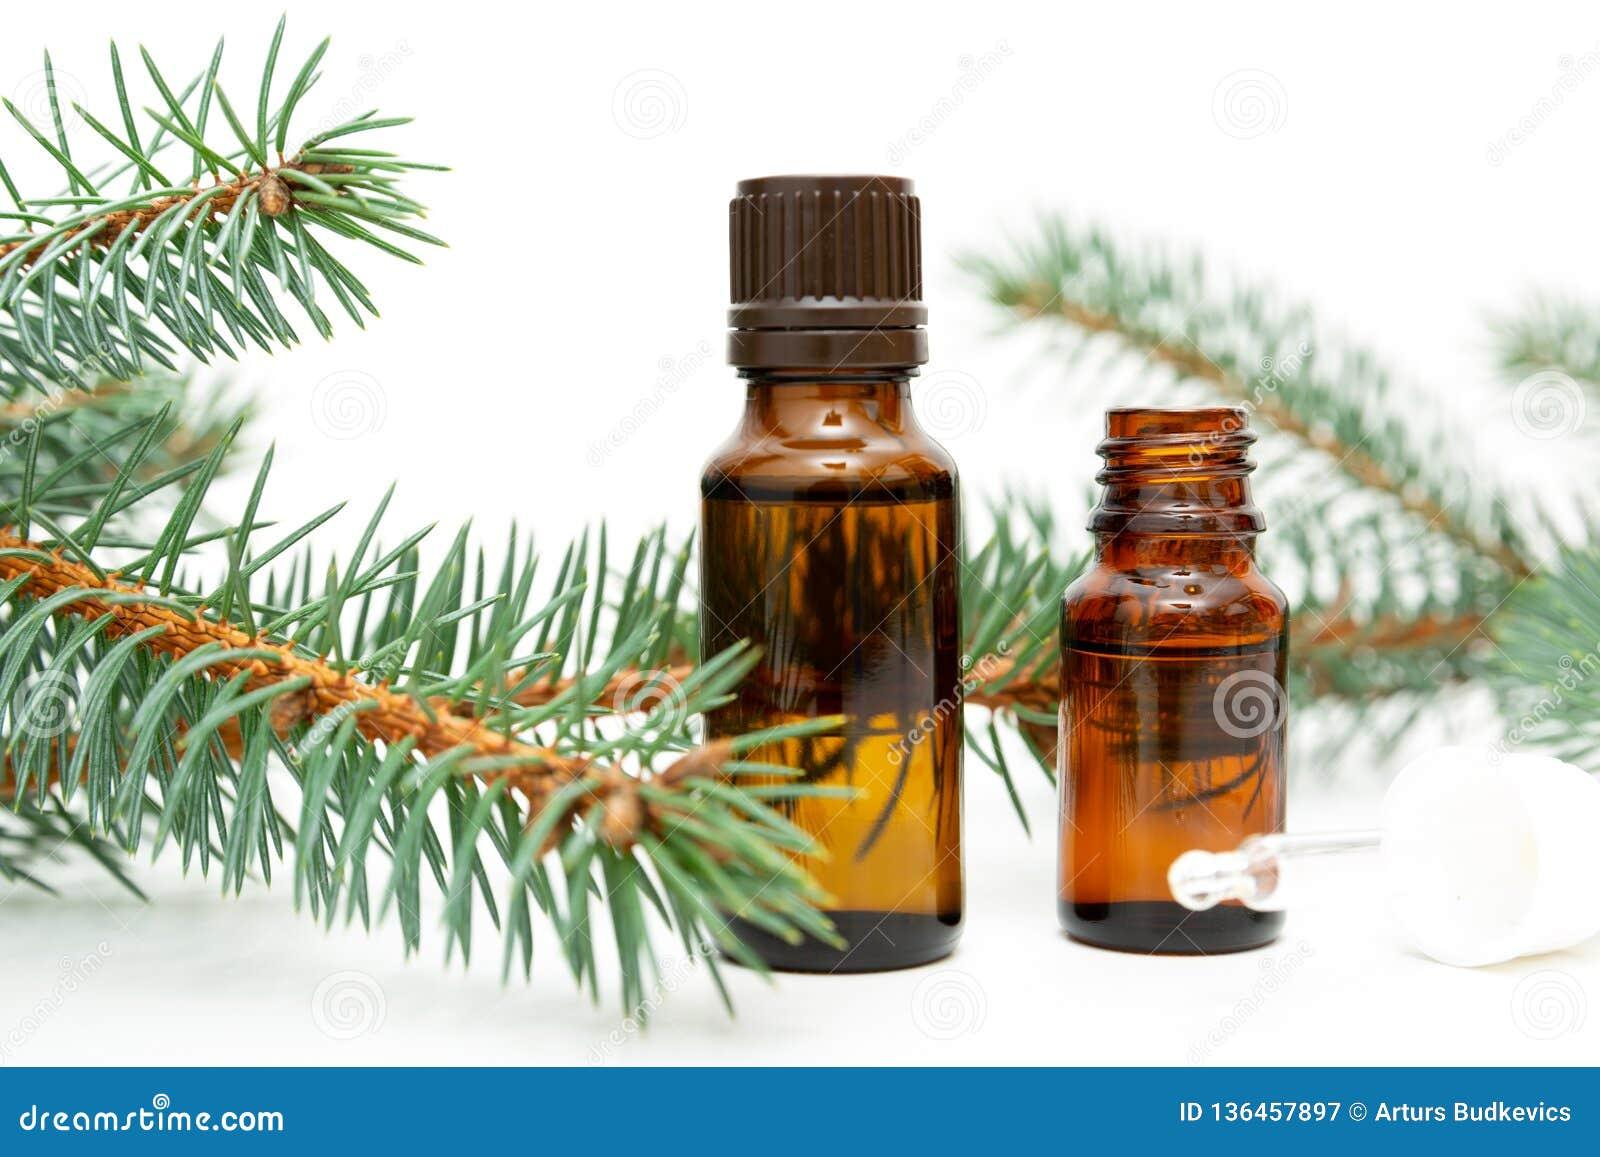 Naturlig skönhetbot Den lilla flaskan av nödvändigt sörjer olja, sörjer trädris, alternativ medicin